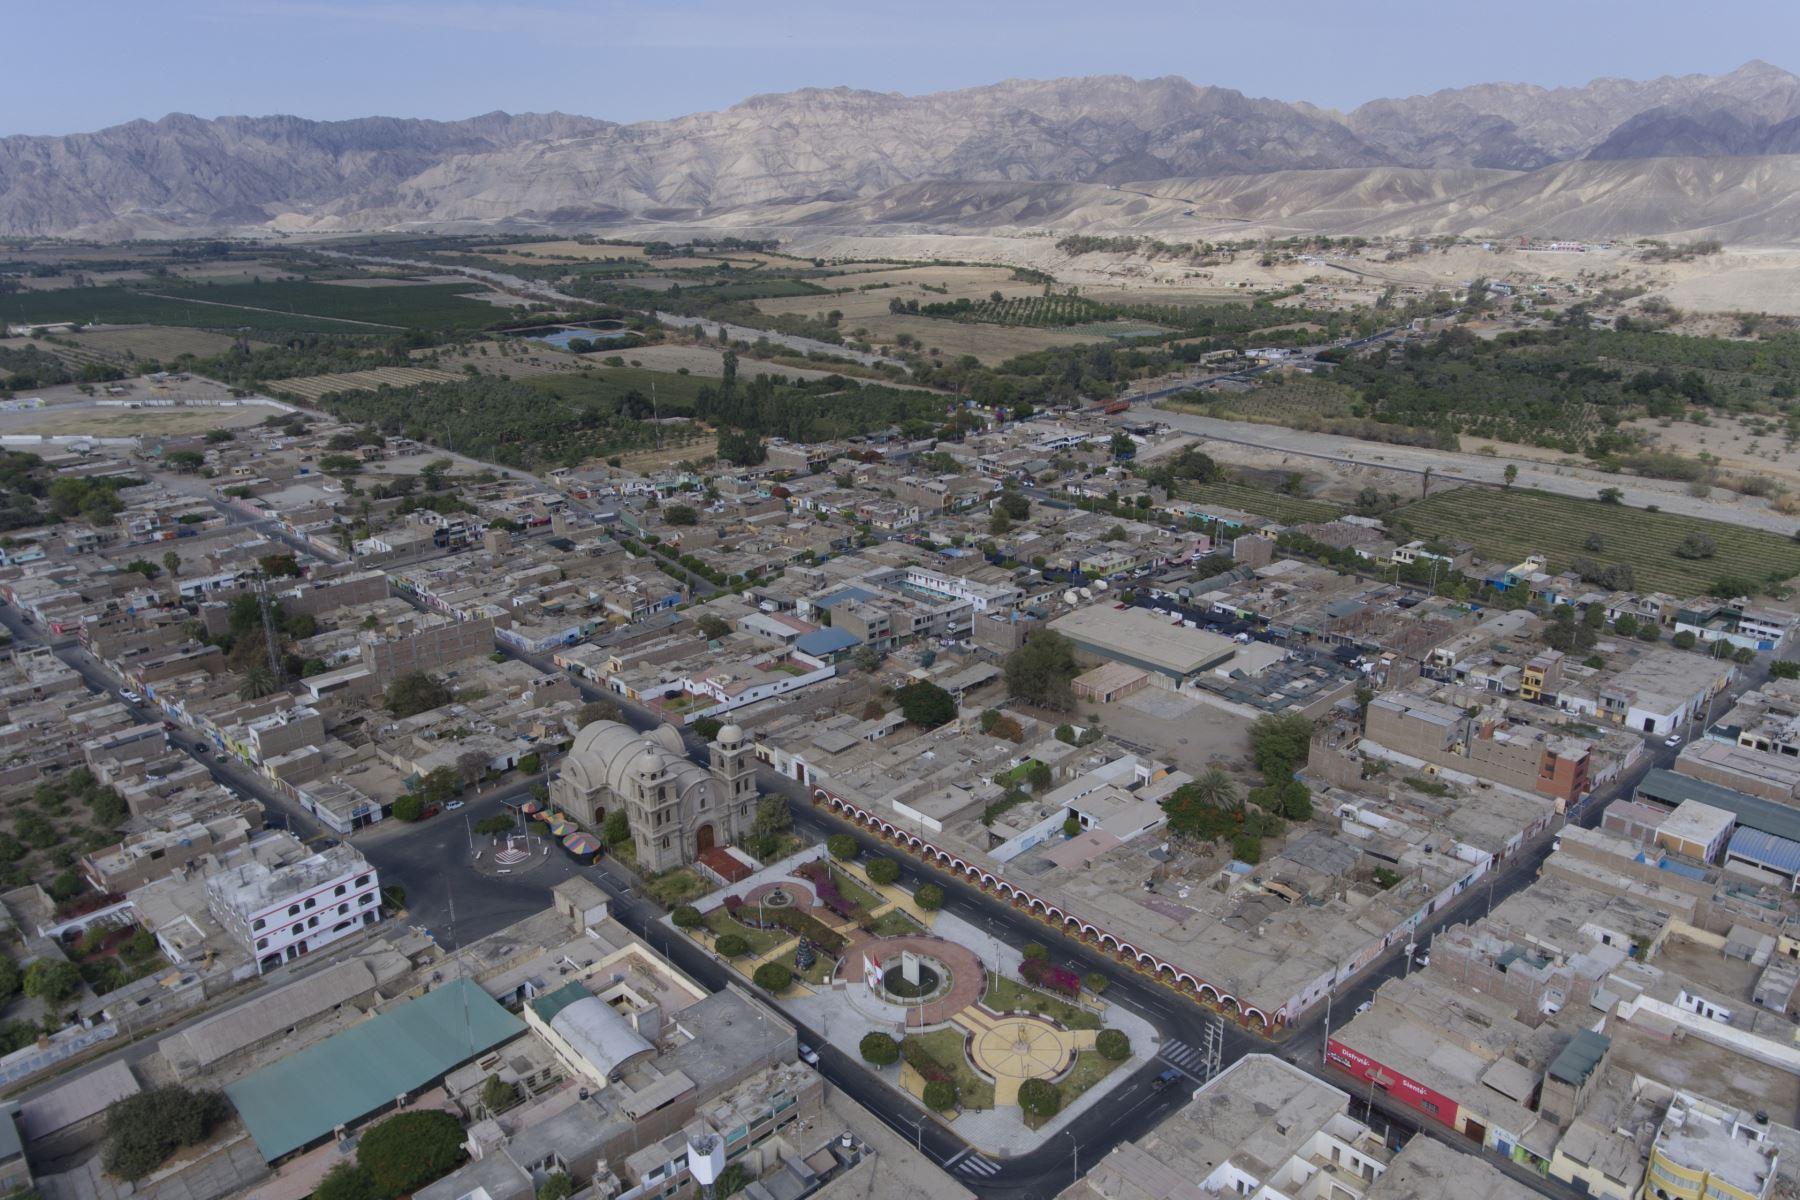 La ciudad de Palpa, región Ica, fue remecida esta mañana por un sismo de magnitud 4.5. Foto: ANDINA.